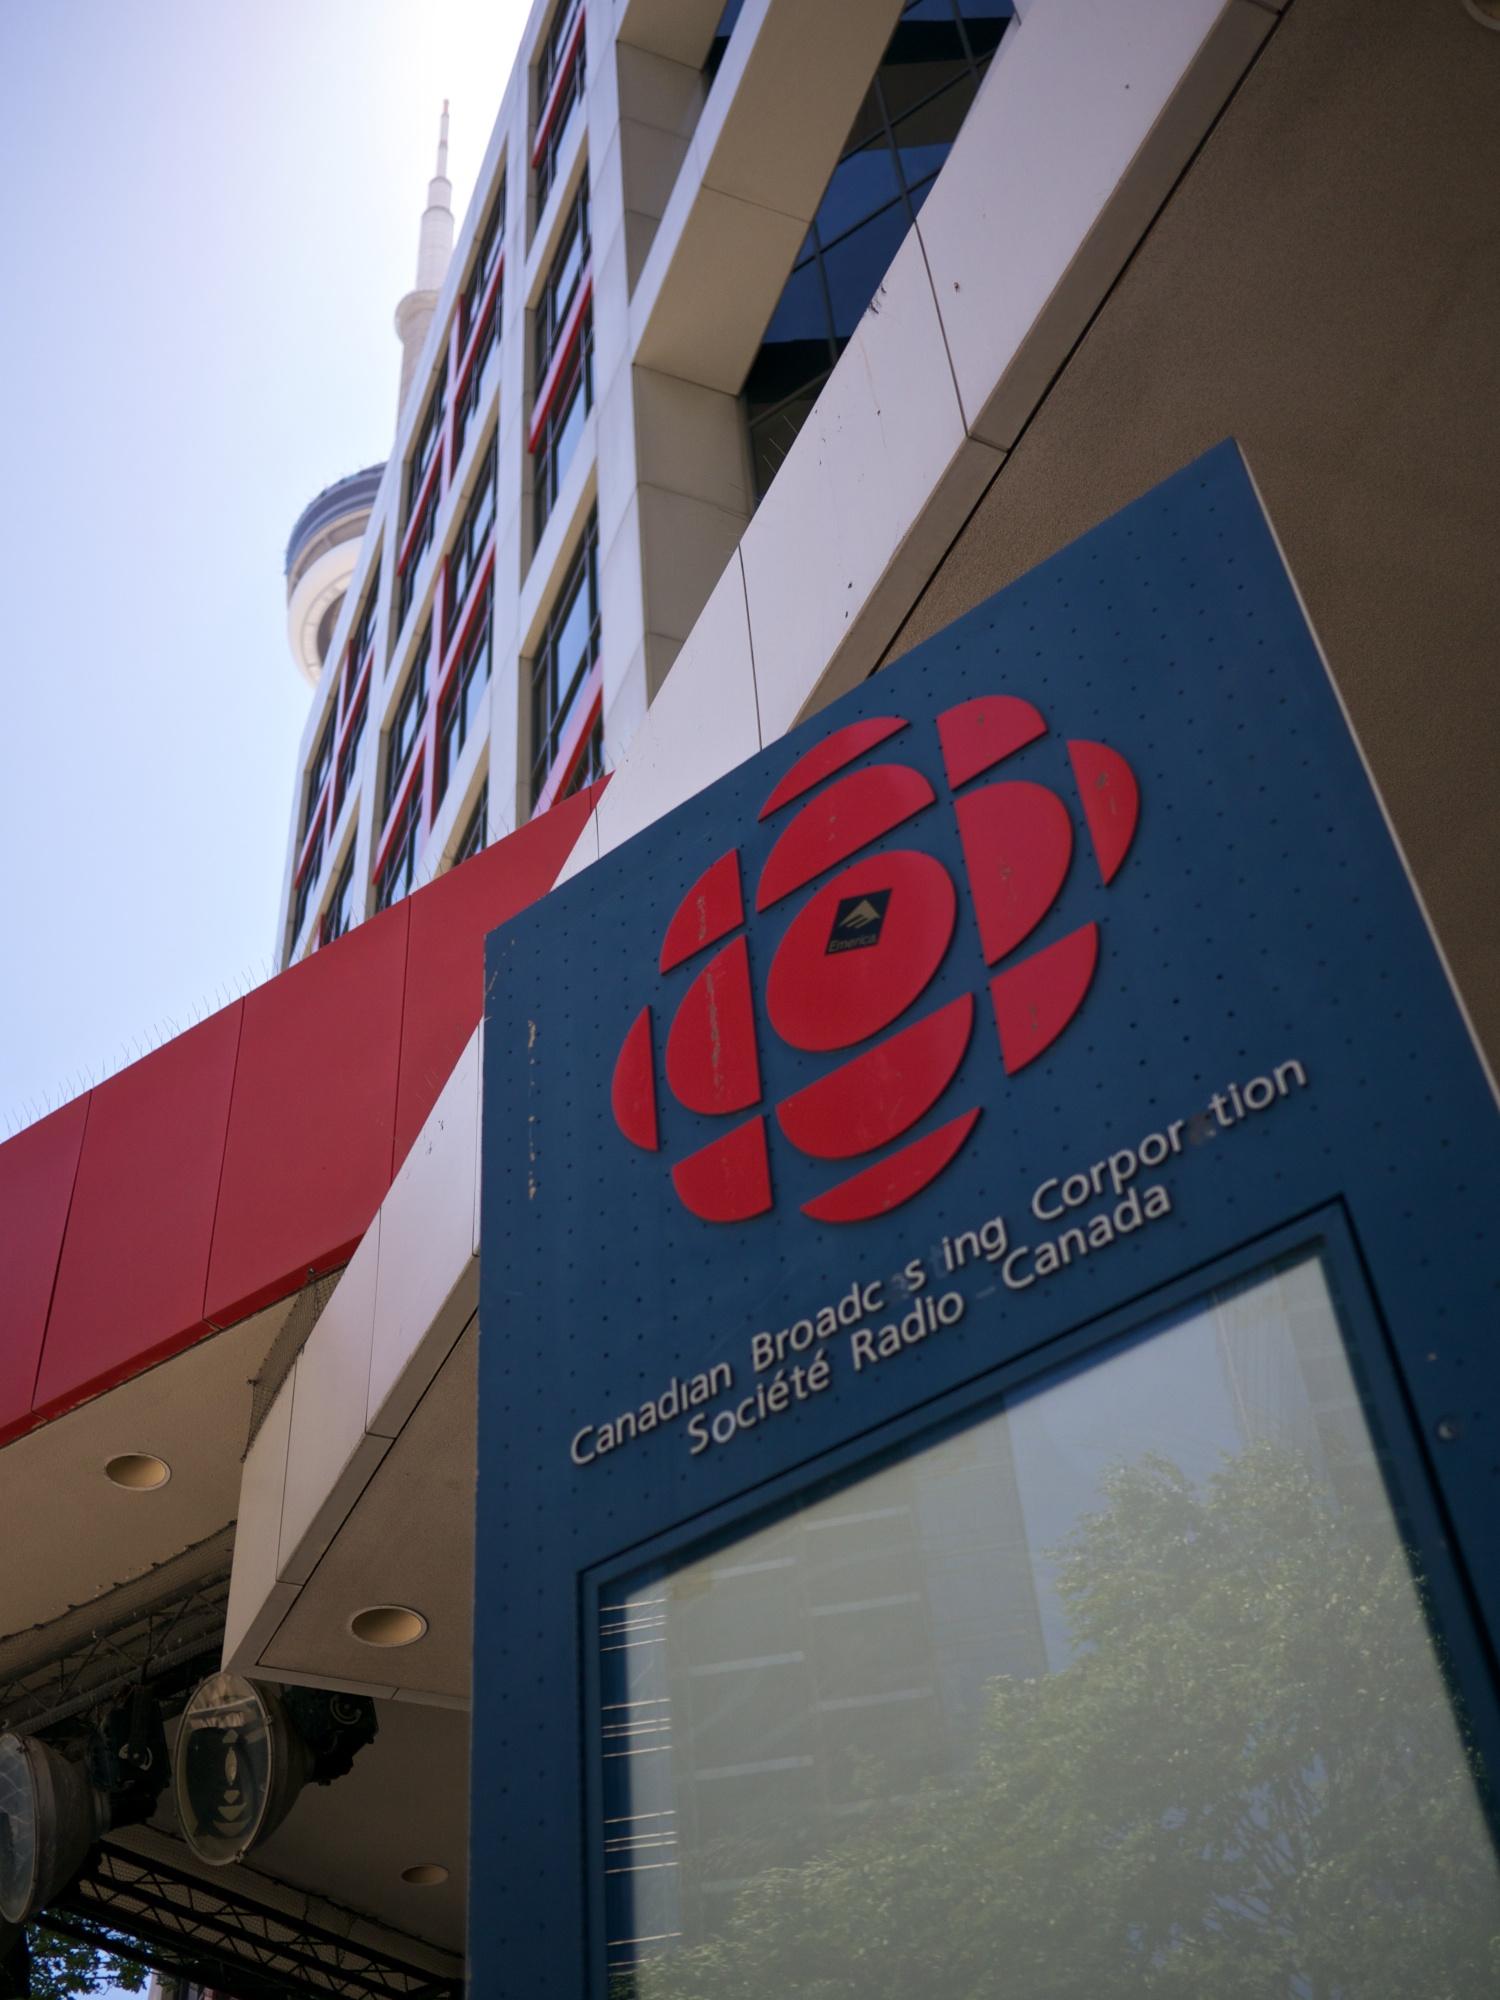 CBC BUILDING